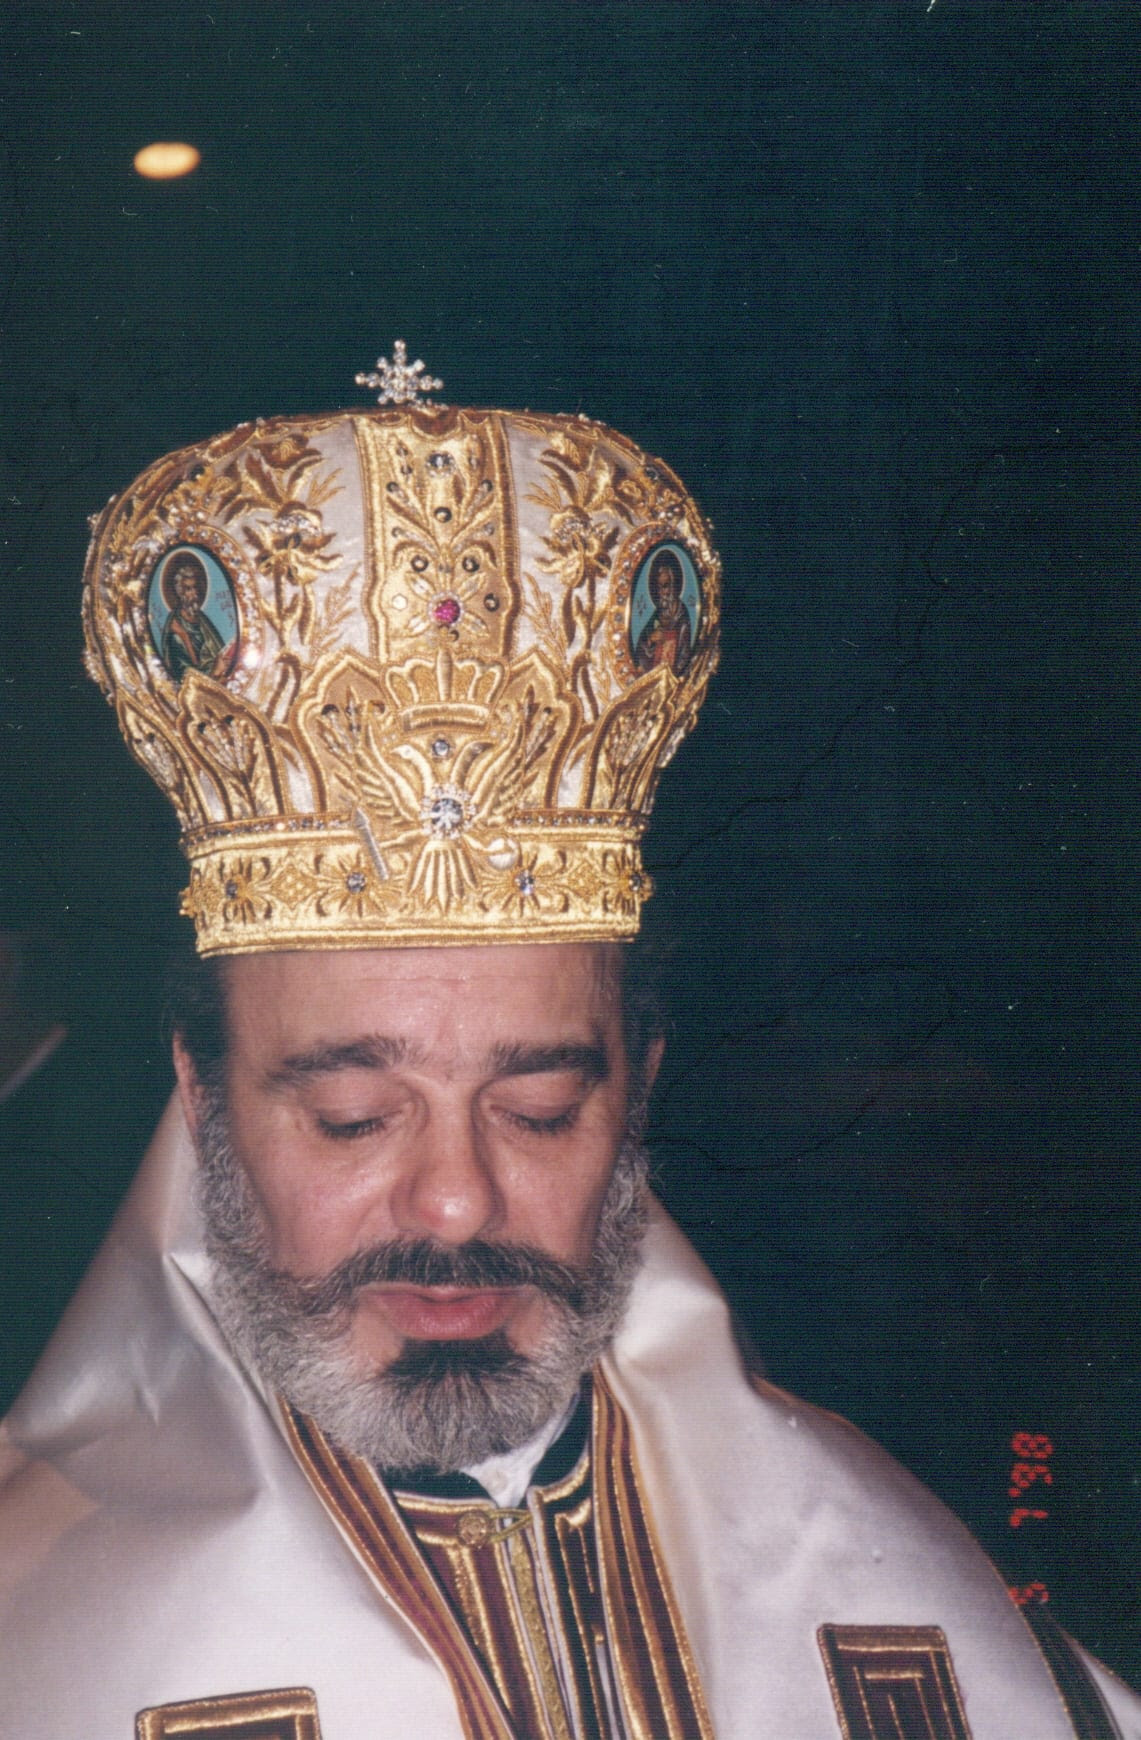 ΣΠΥΡΙΔΩΝ, π. Αρχιεπίσκοπος Αμερικής (1996-1999)